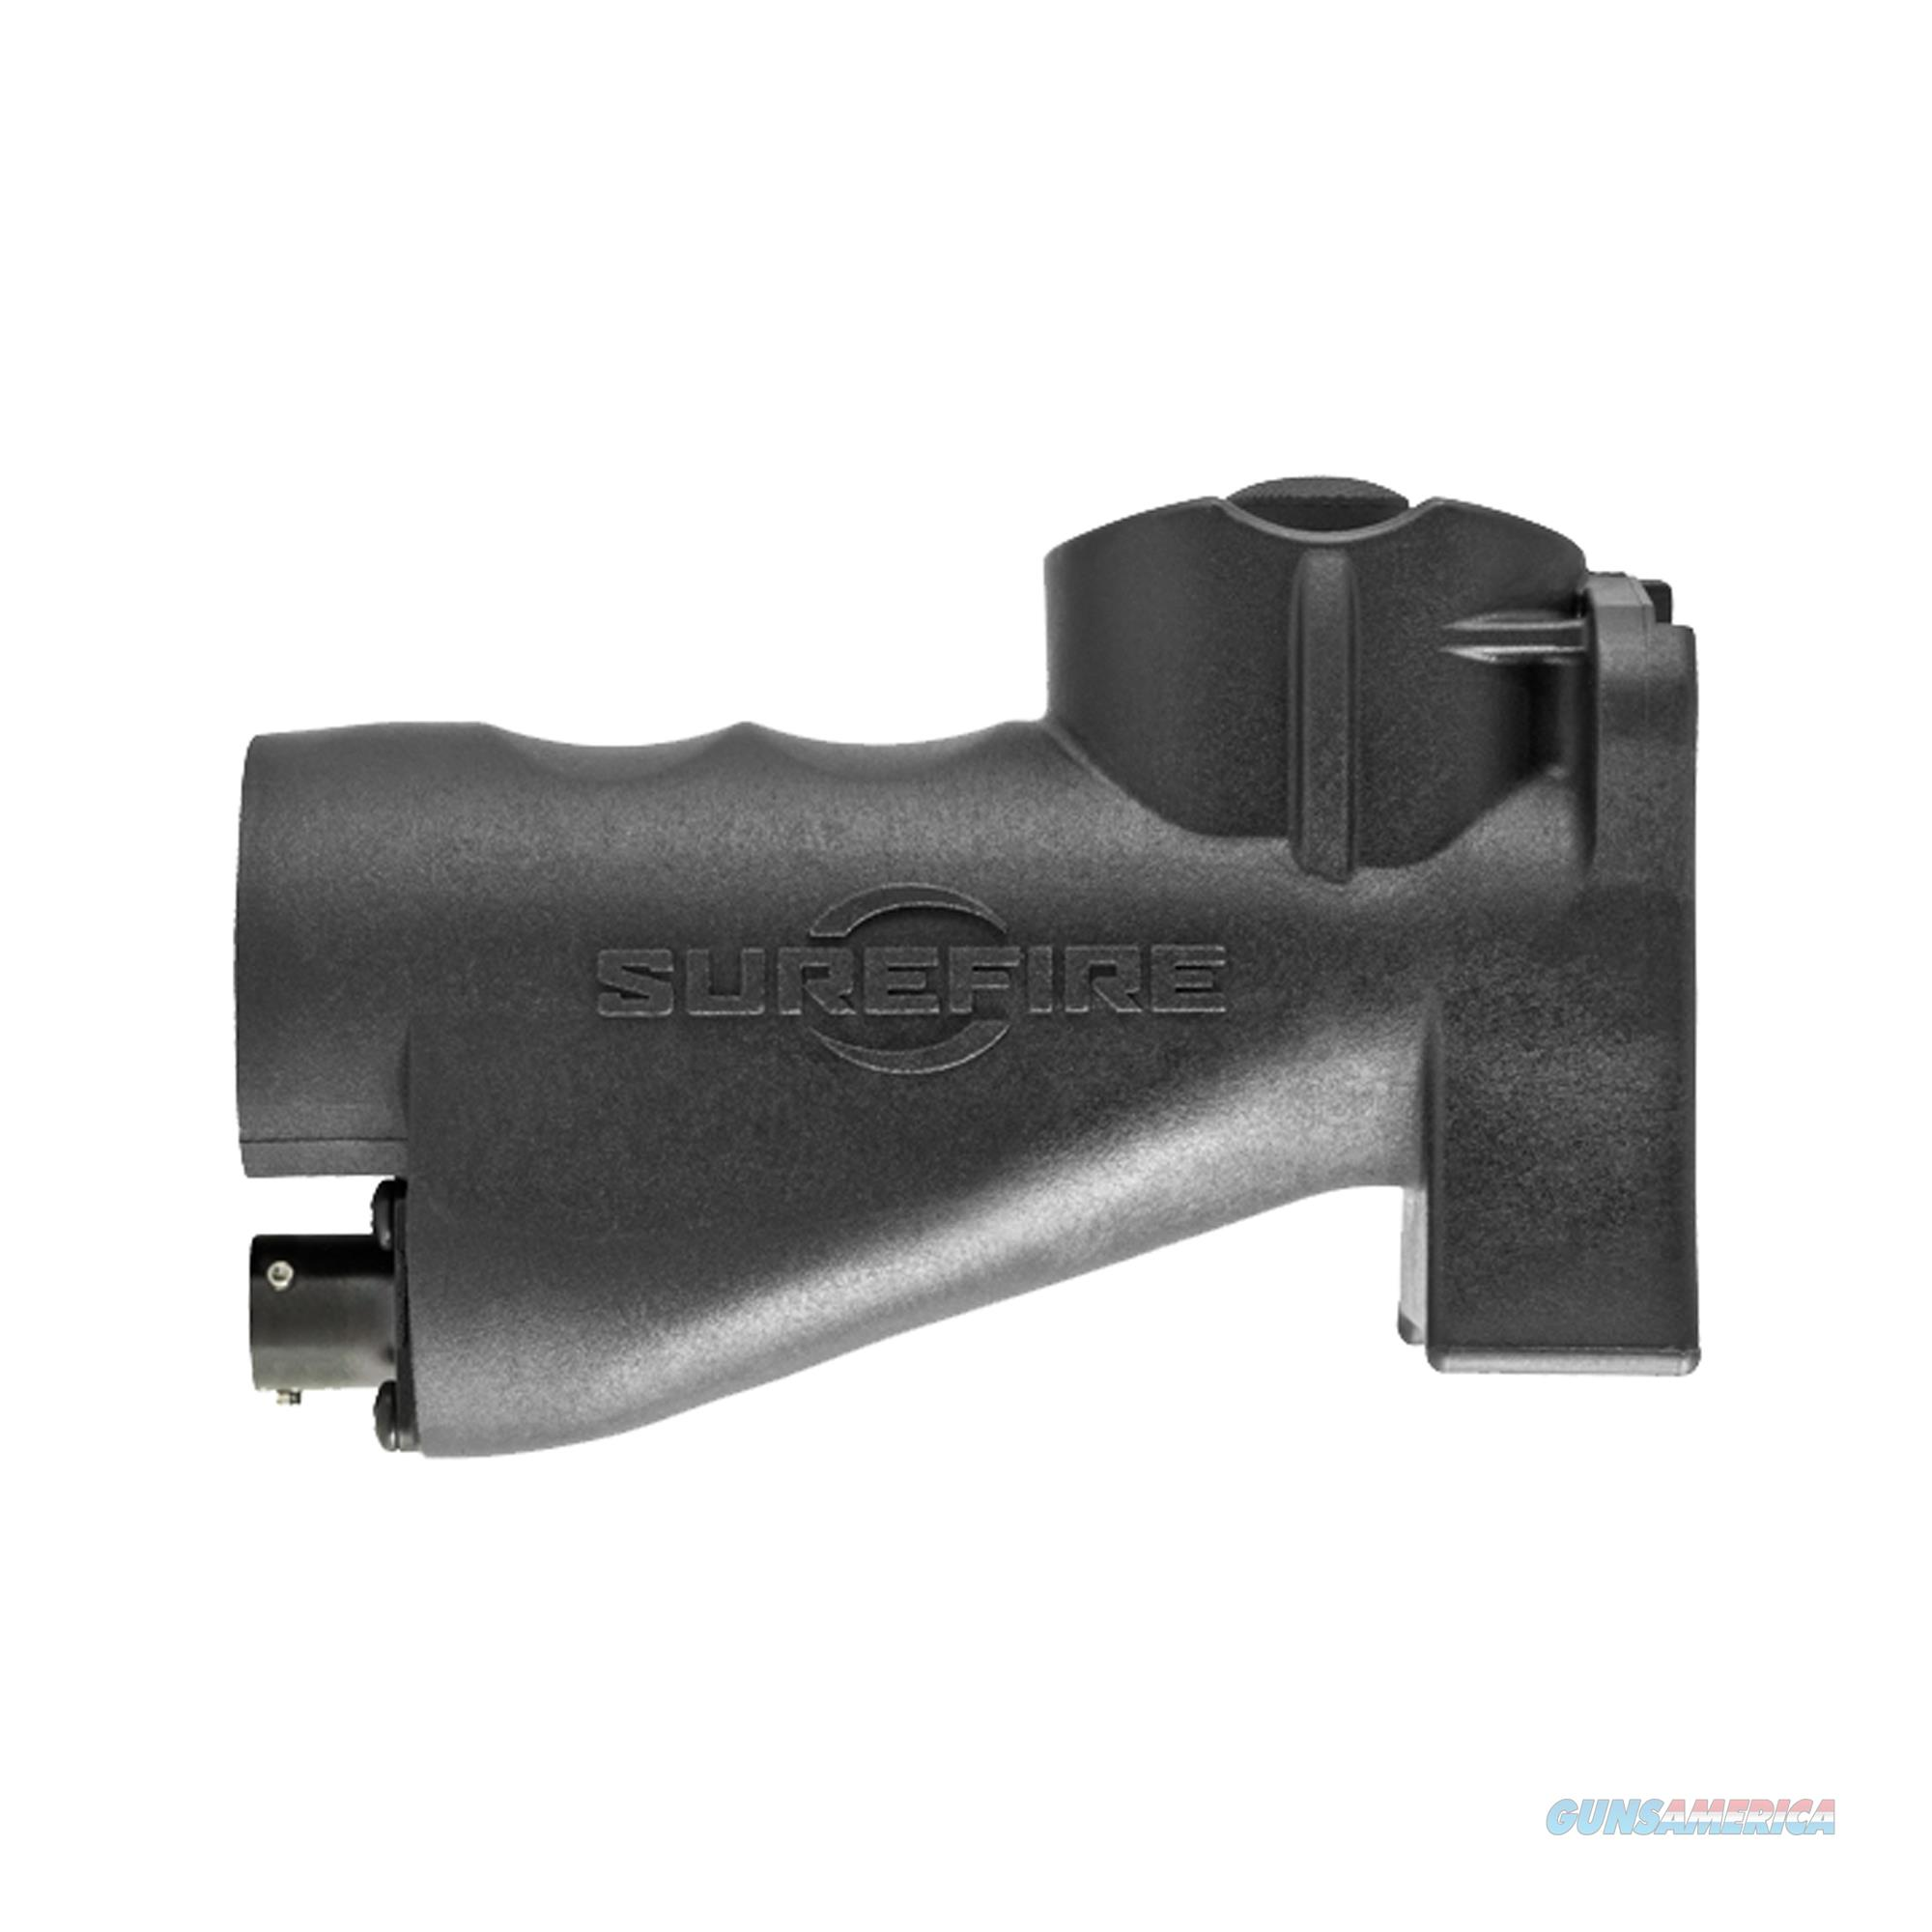 Surefire Grip Switch Assembly SW-M2HB-01  Non-Guns > Miscellaneous